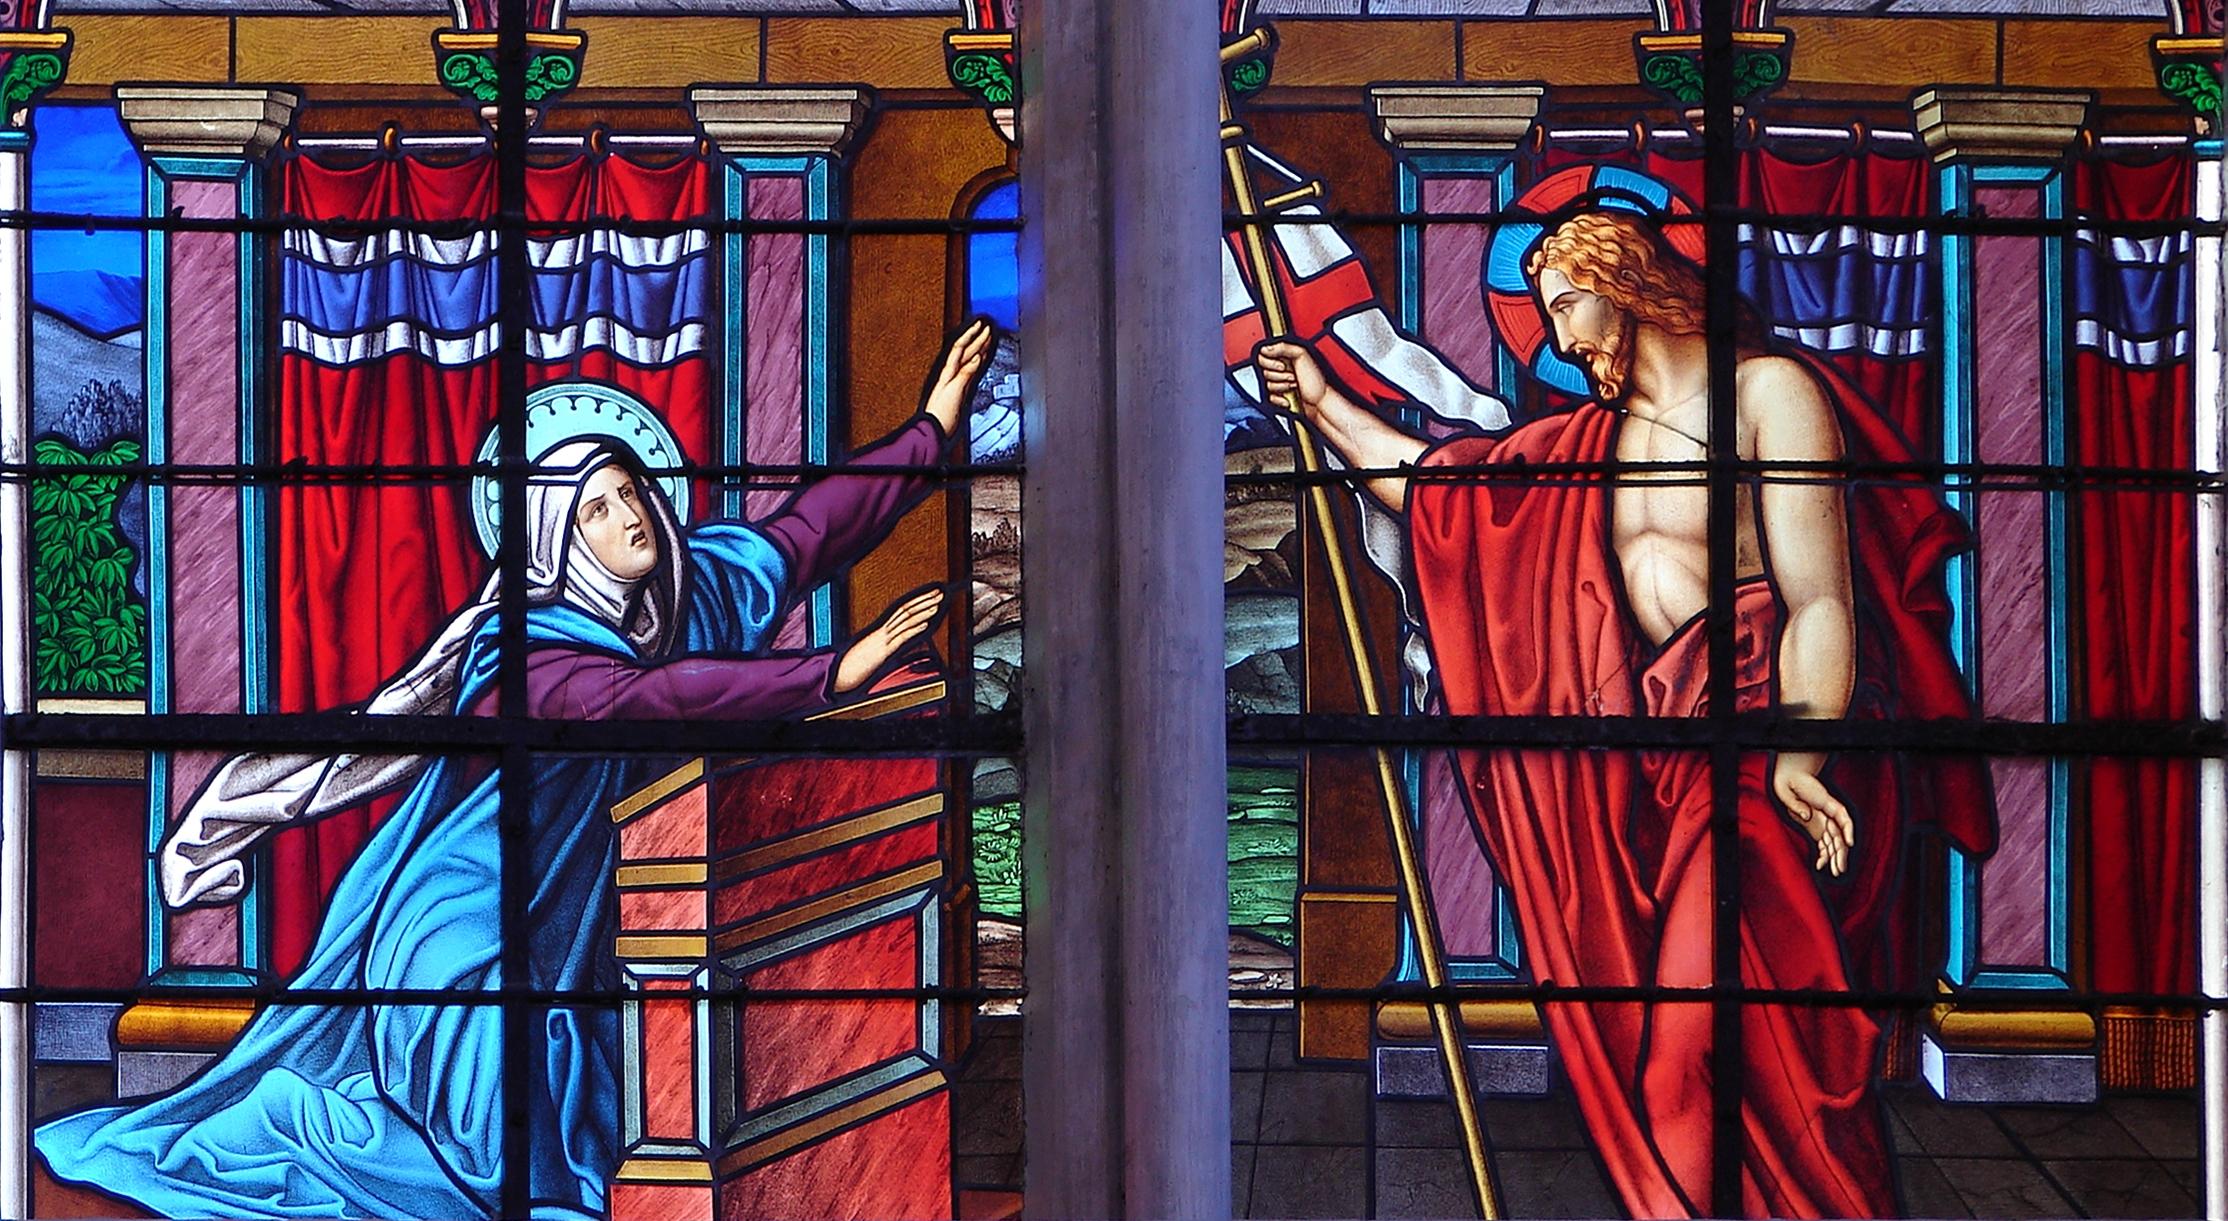 CALENDRIER CATHOLIQUE 2020 (Cantiques, Prières & Images) - Page 11 J-sus-ressuscit-a...marie-1--574600c